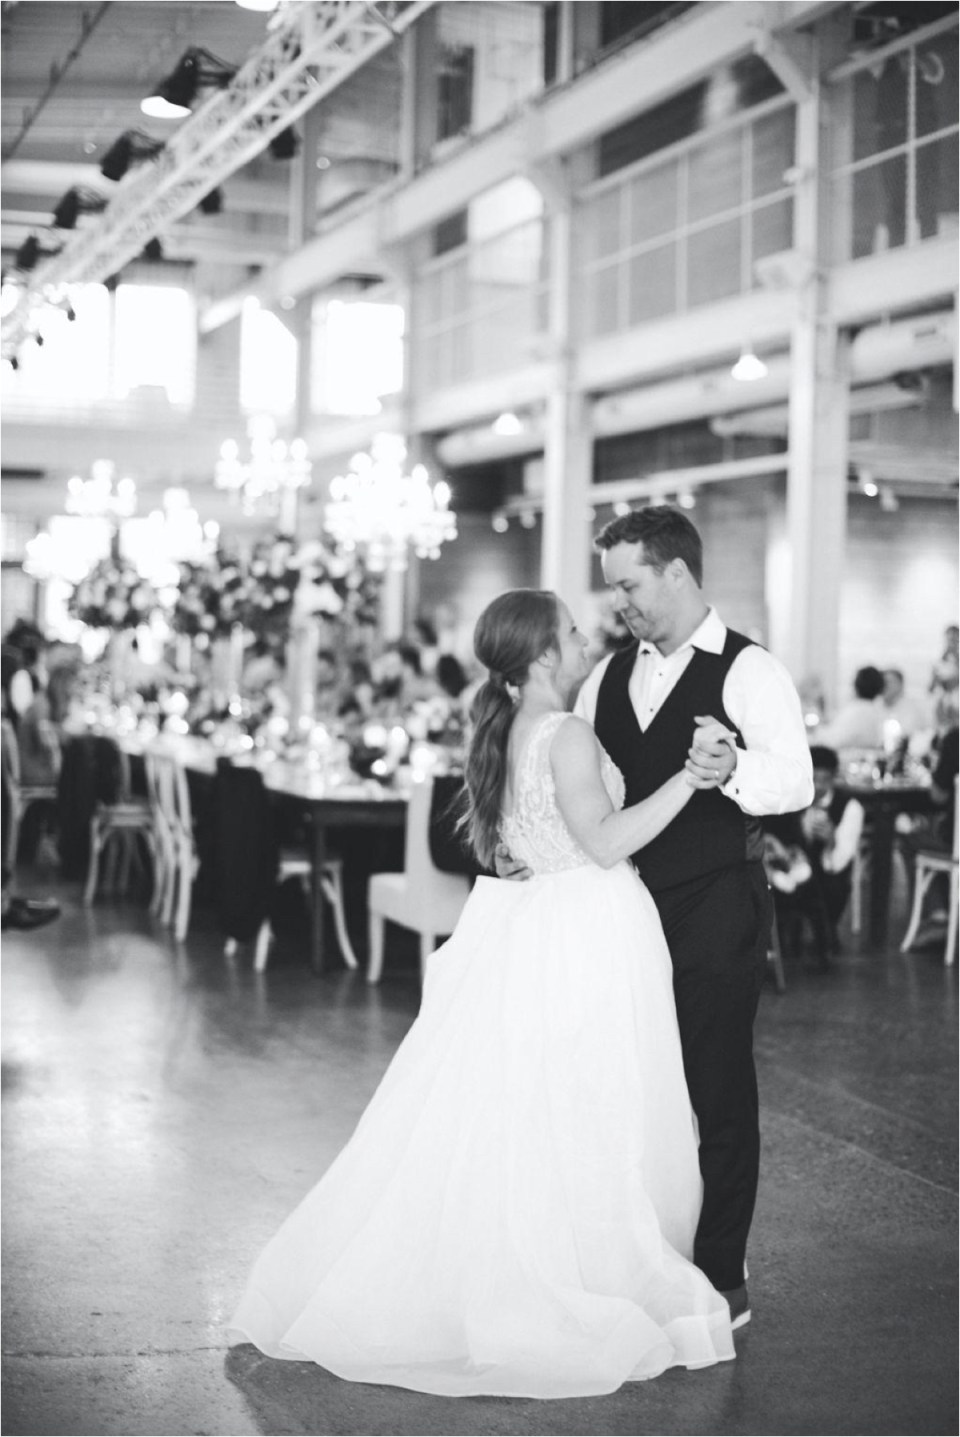 Machine+Shop+Wedding_0443.jpg